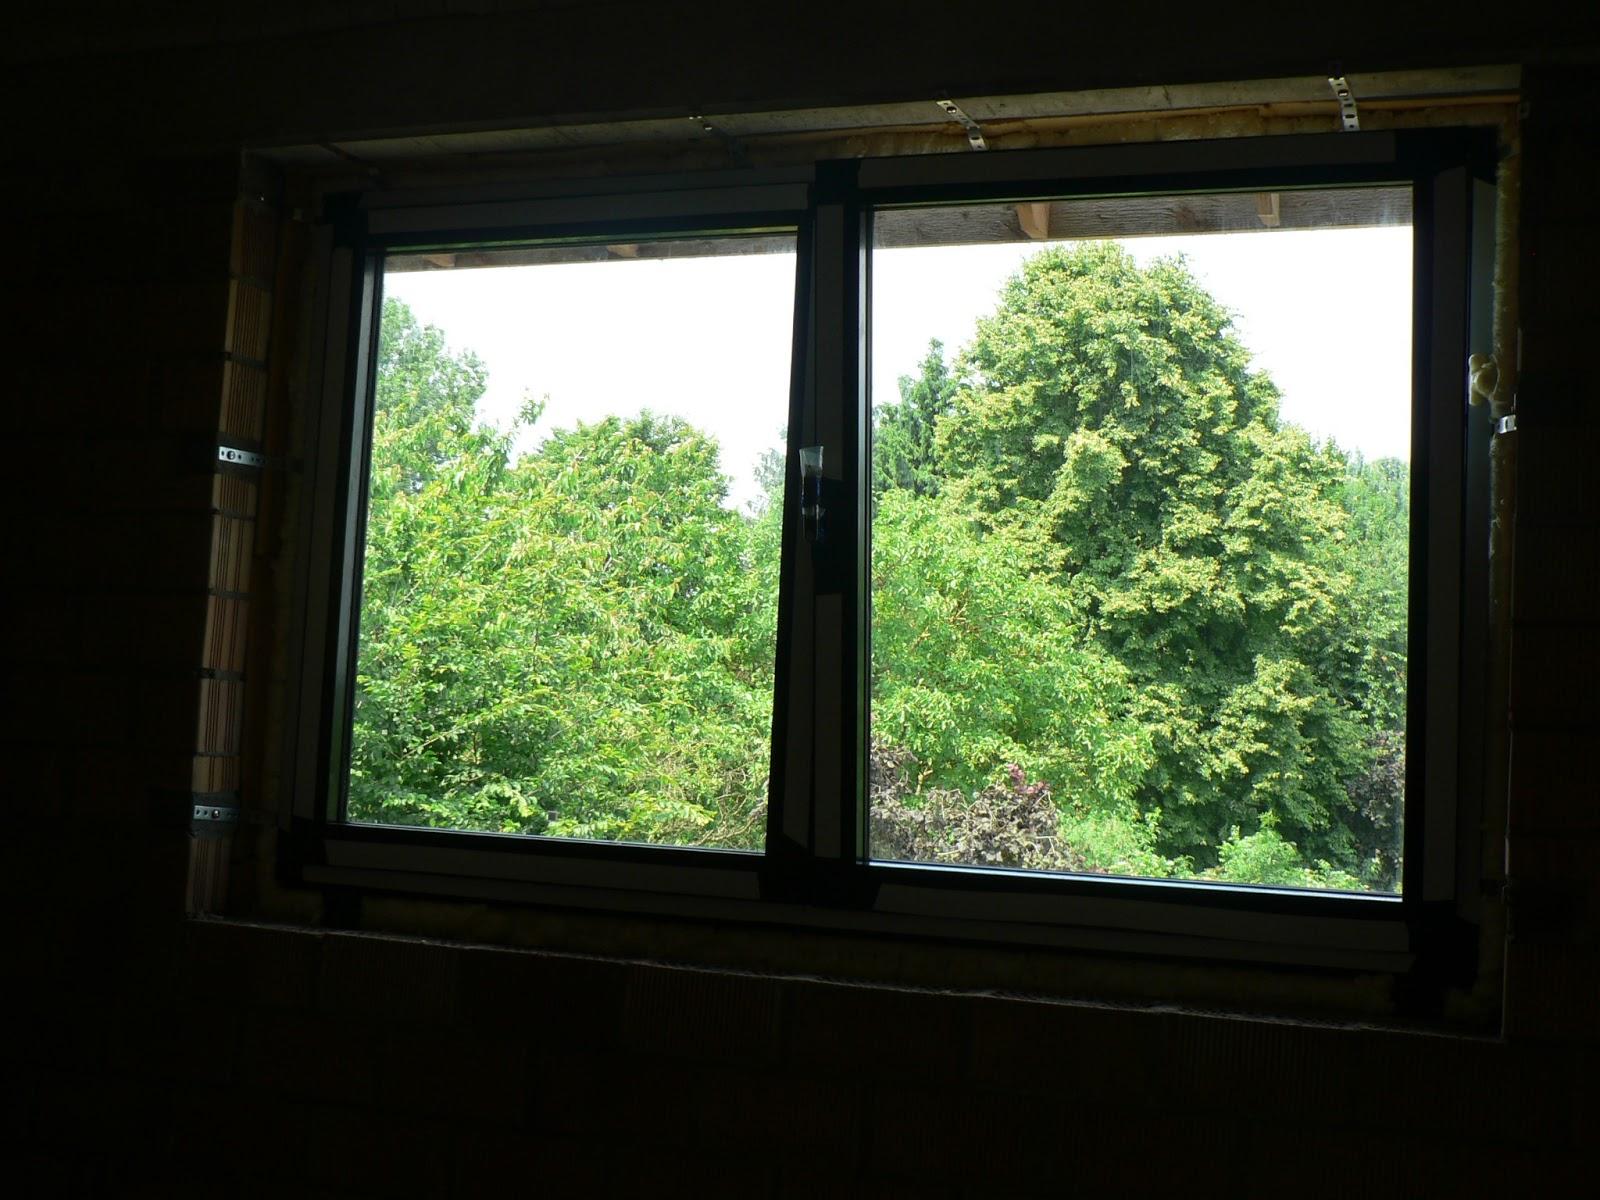 Kaboutersgezochtdeel2: 6 en 7 juli: dakterras   brengen van ventilatie